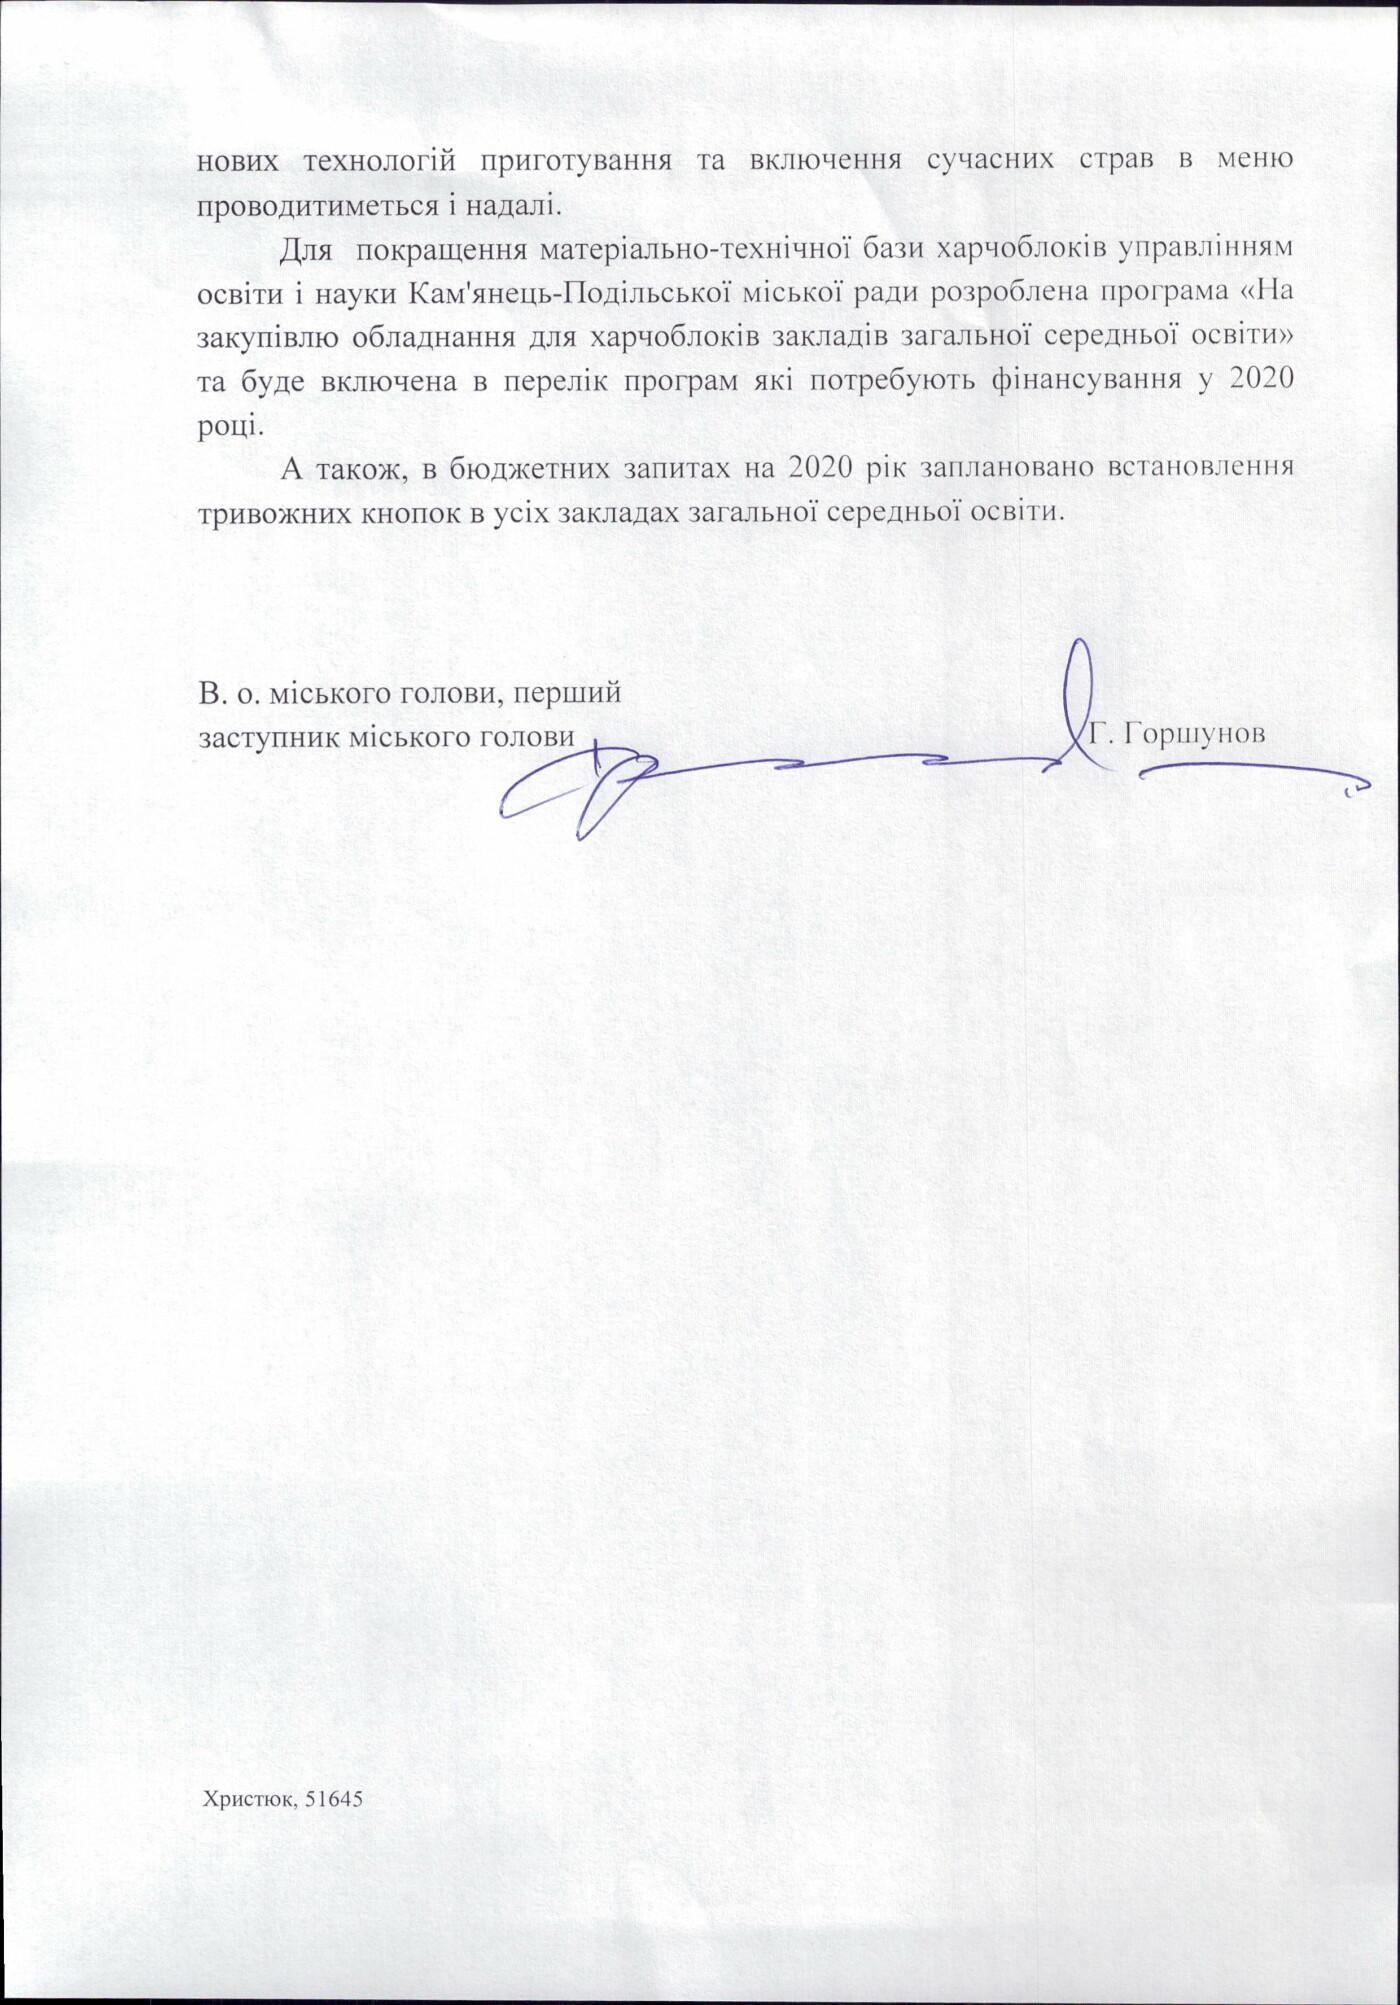 """Бургери, нагетси, """"Паелья"""": зміни у шкільному меню Кам'янця-Подільського, фото-6"""